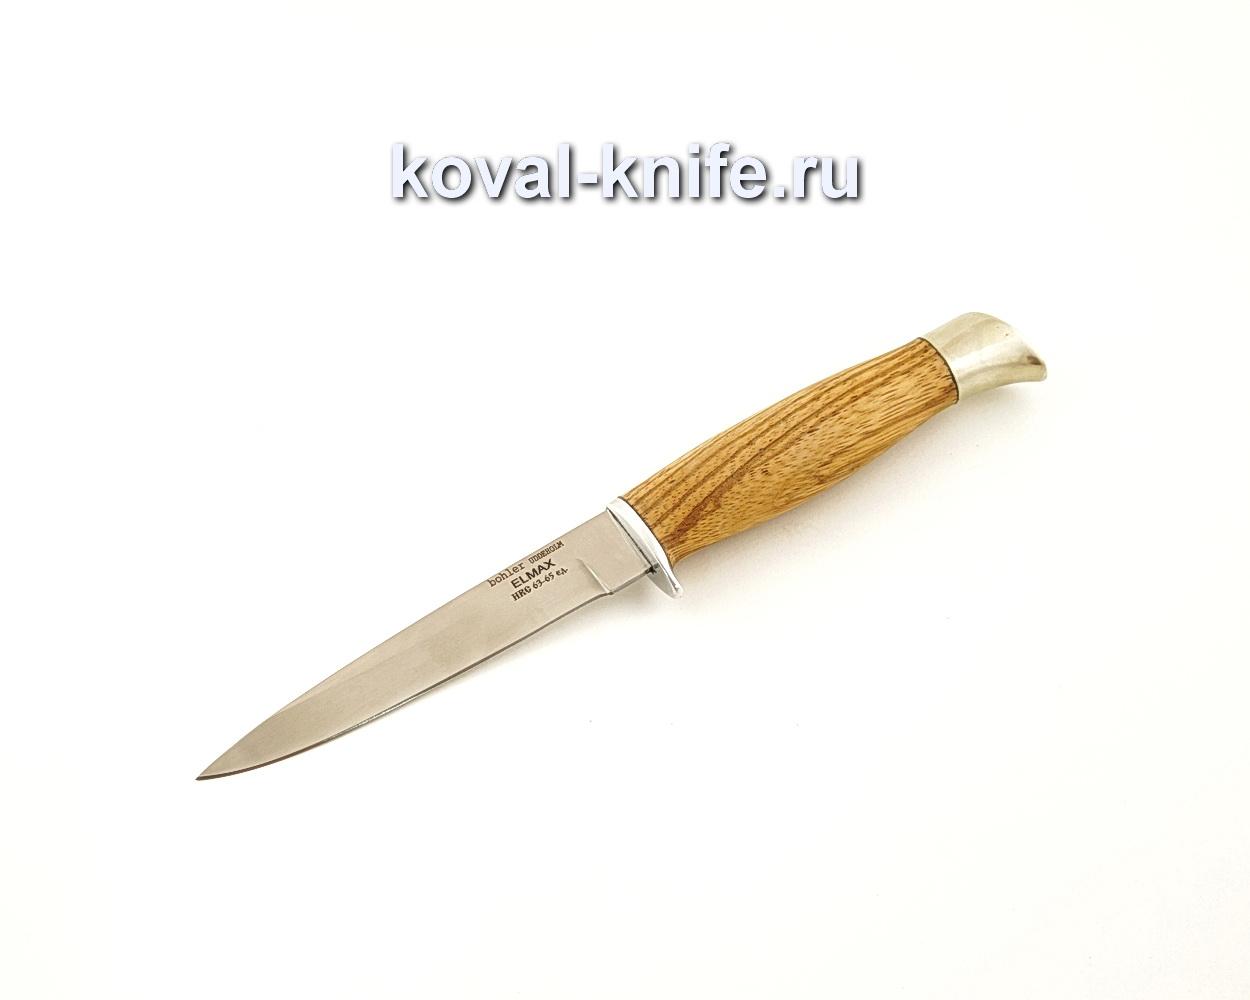 Нож Коготь из порошковой стали Elmax A654